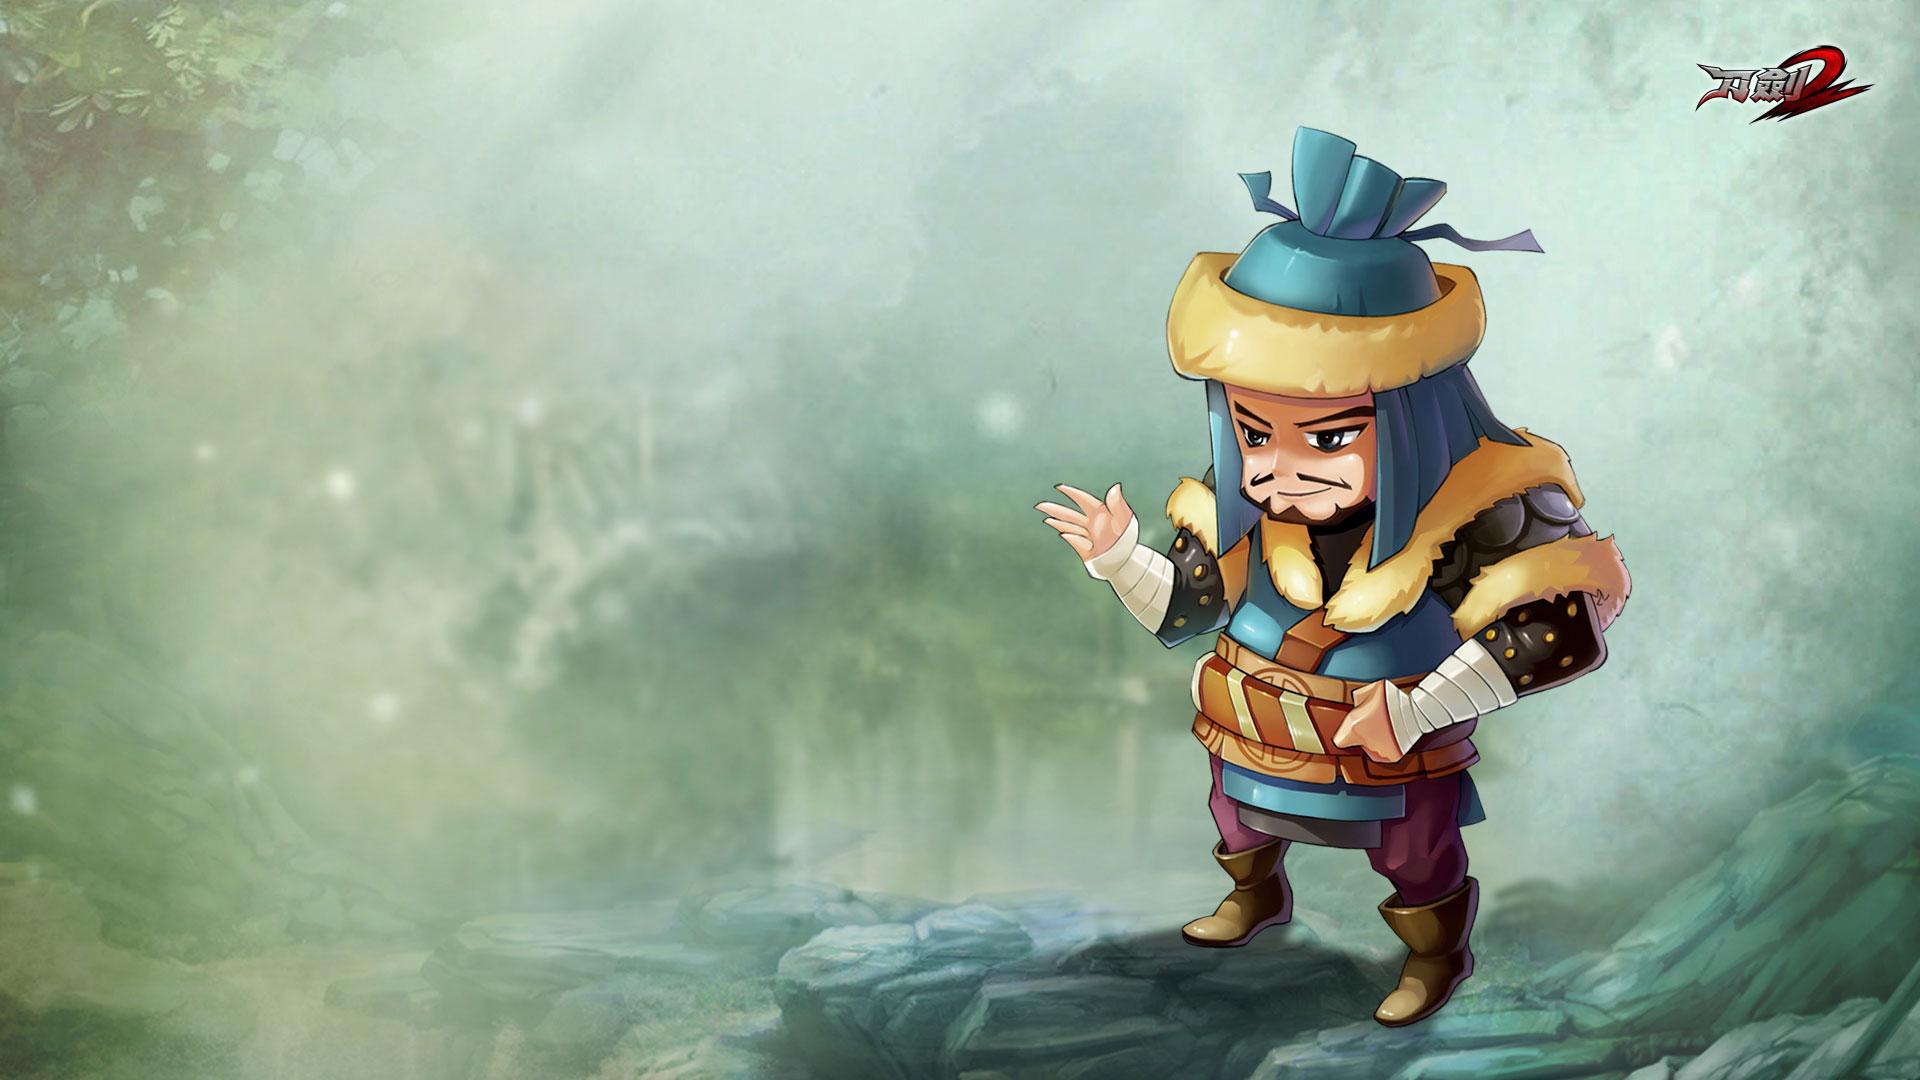 Ngắm hình nền siêu dễ thương của Đao Kiếm 2